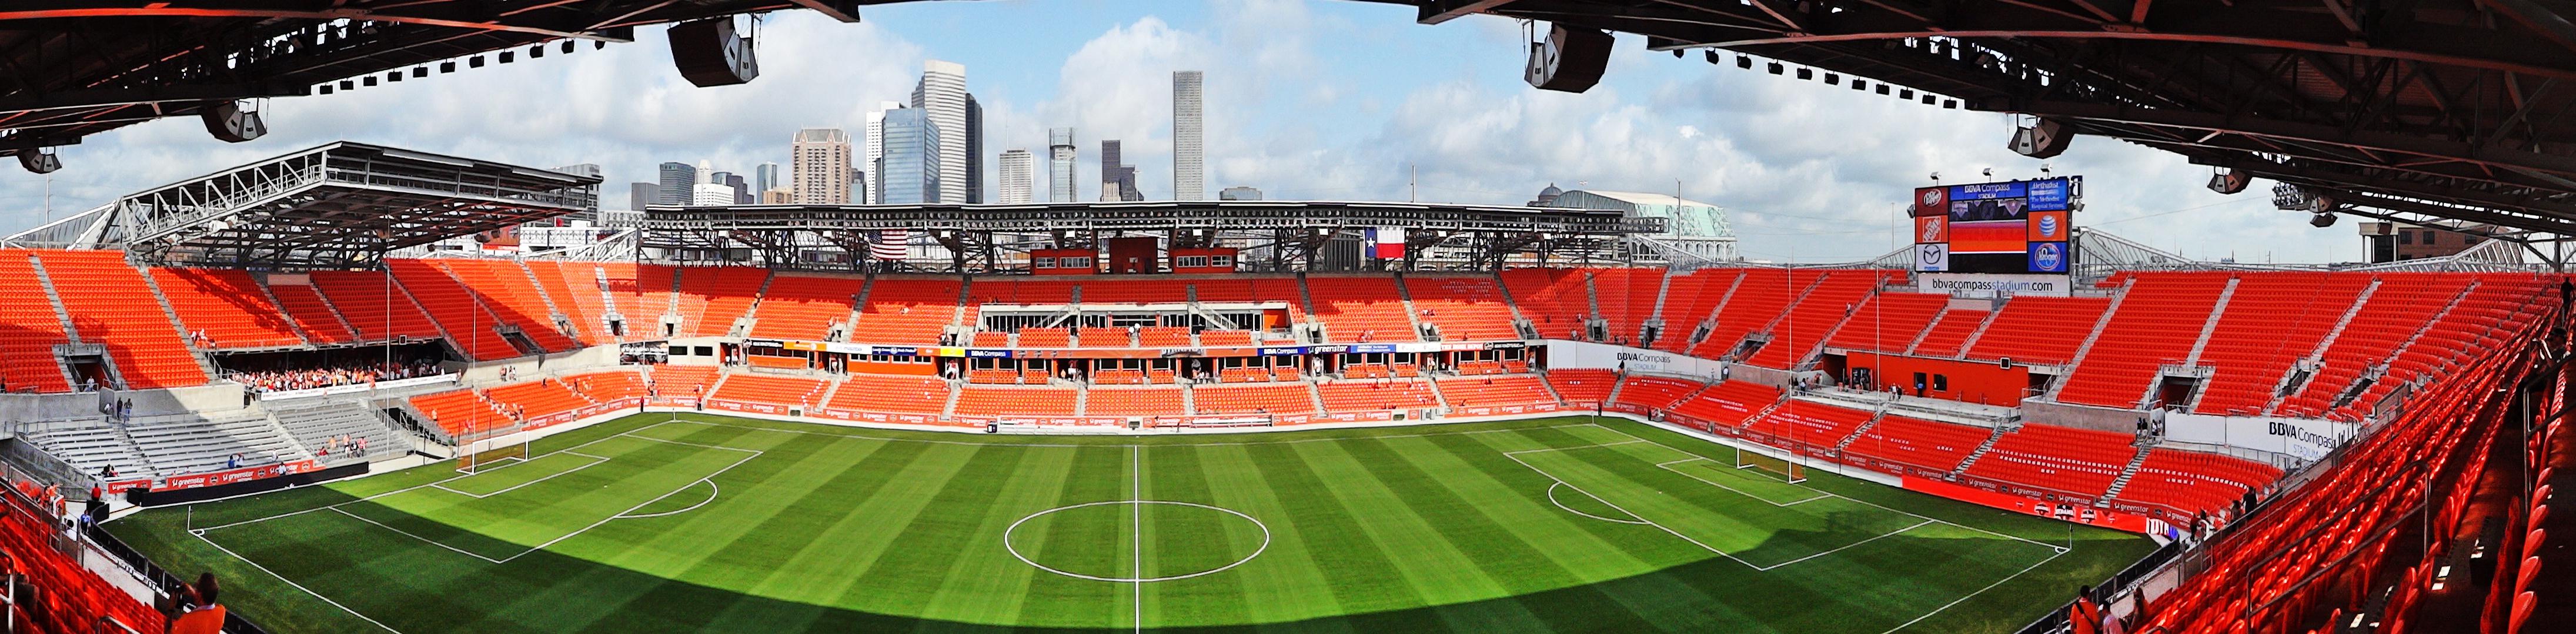 Football stadium panoramic pictures Estadio da Luz - Benfica - Lisbon - The Stadium Guide